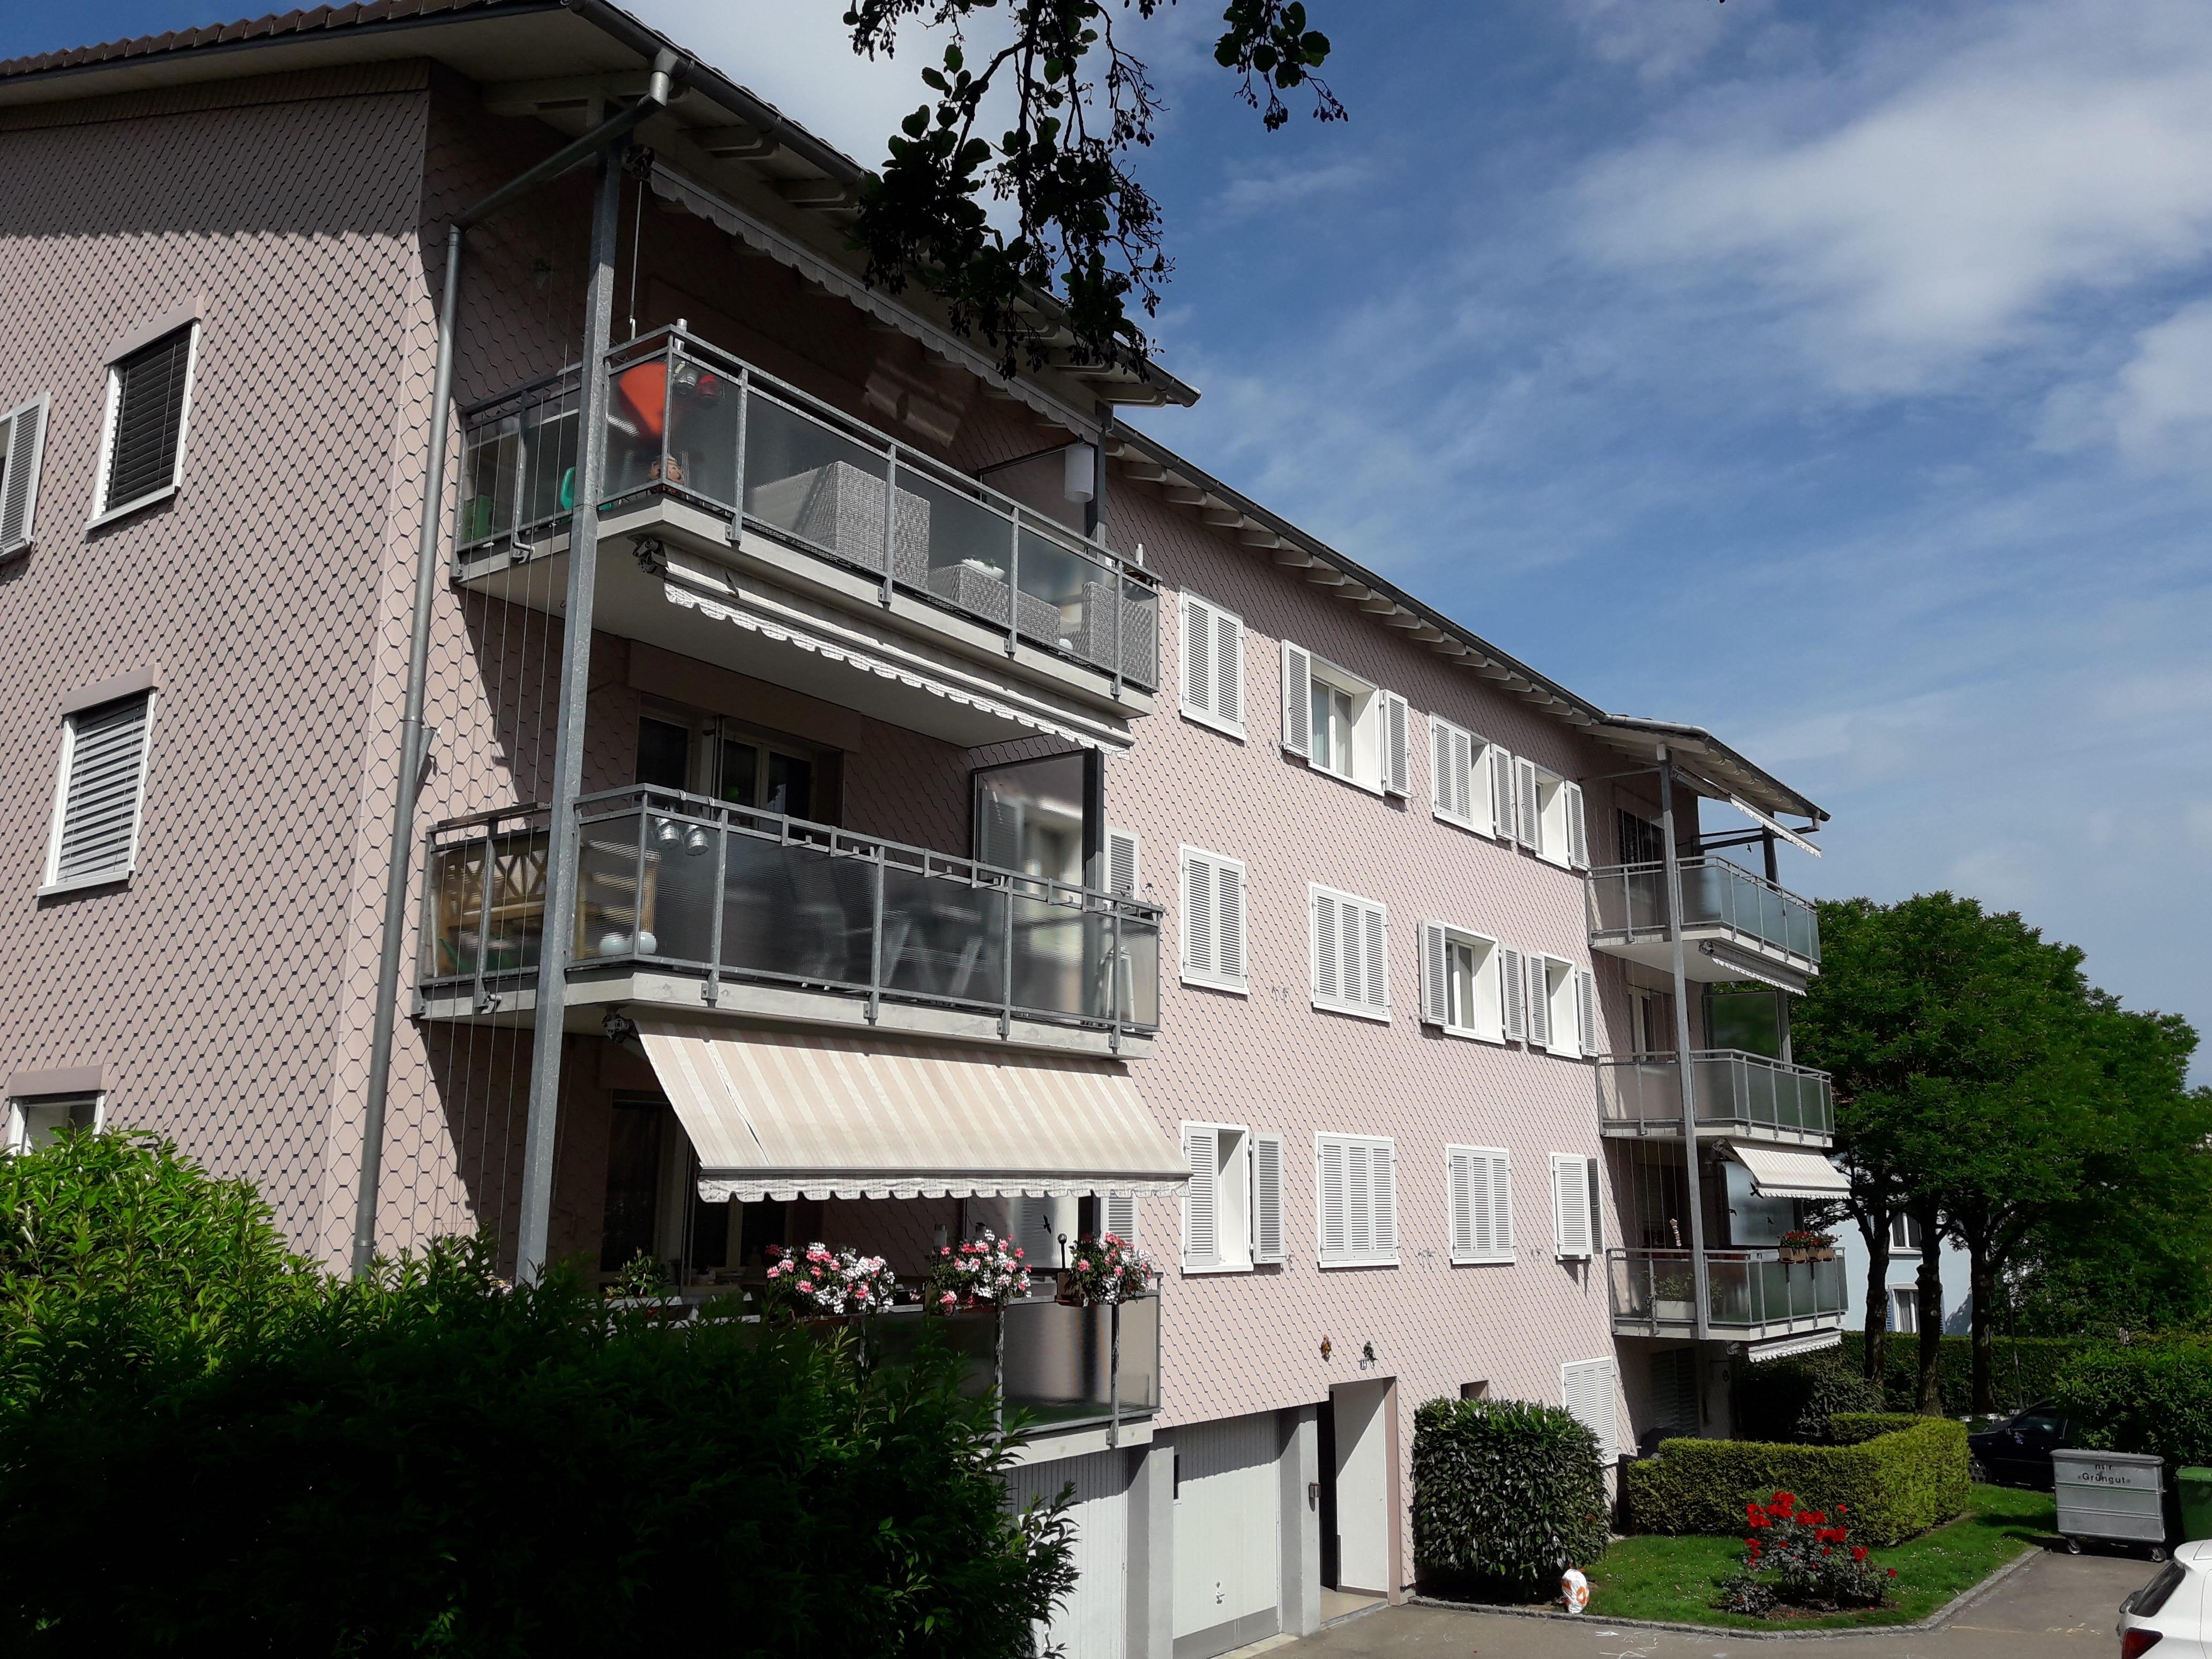 4 Zimmer Wohnung, Schurtannenweg 14, 9400 Rorschach SG